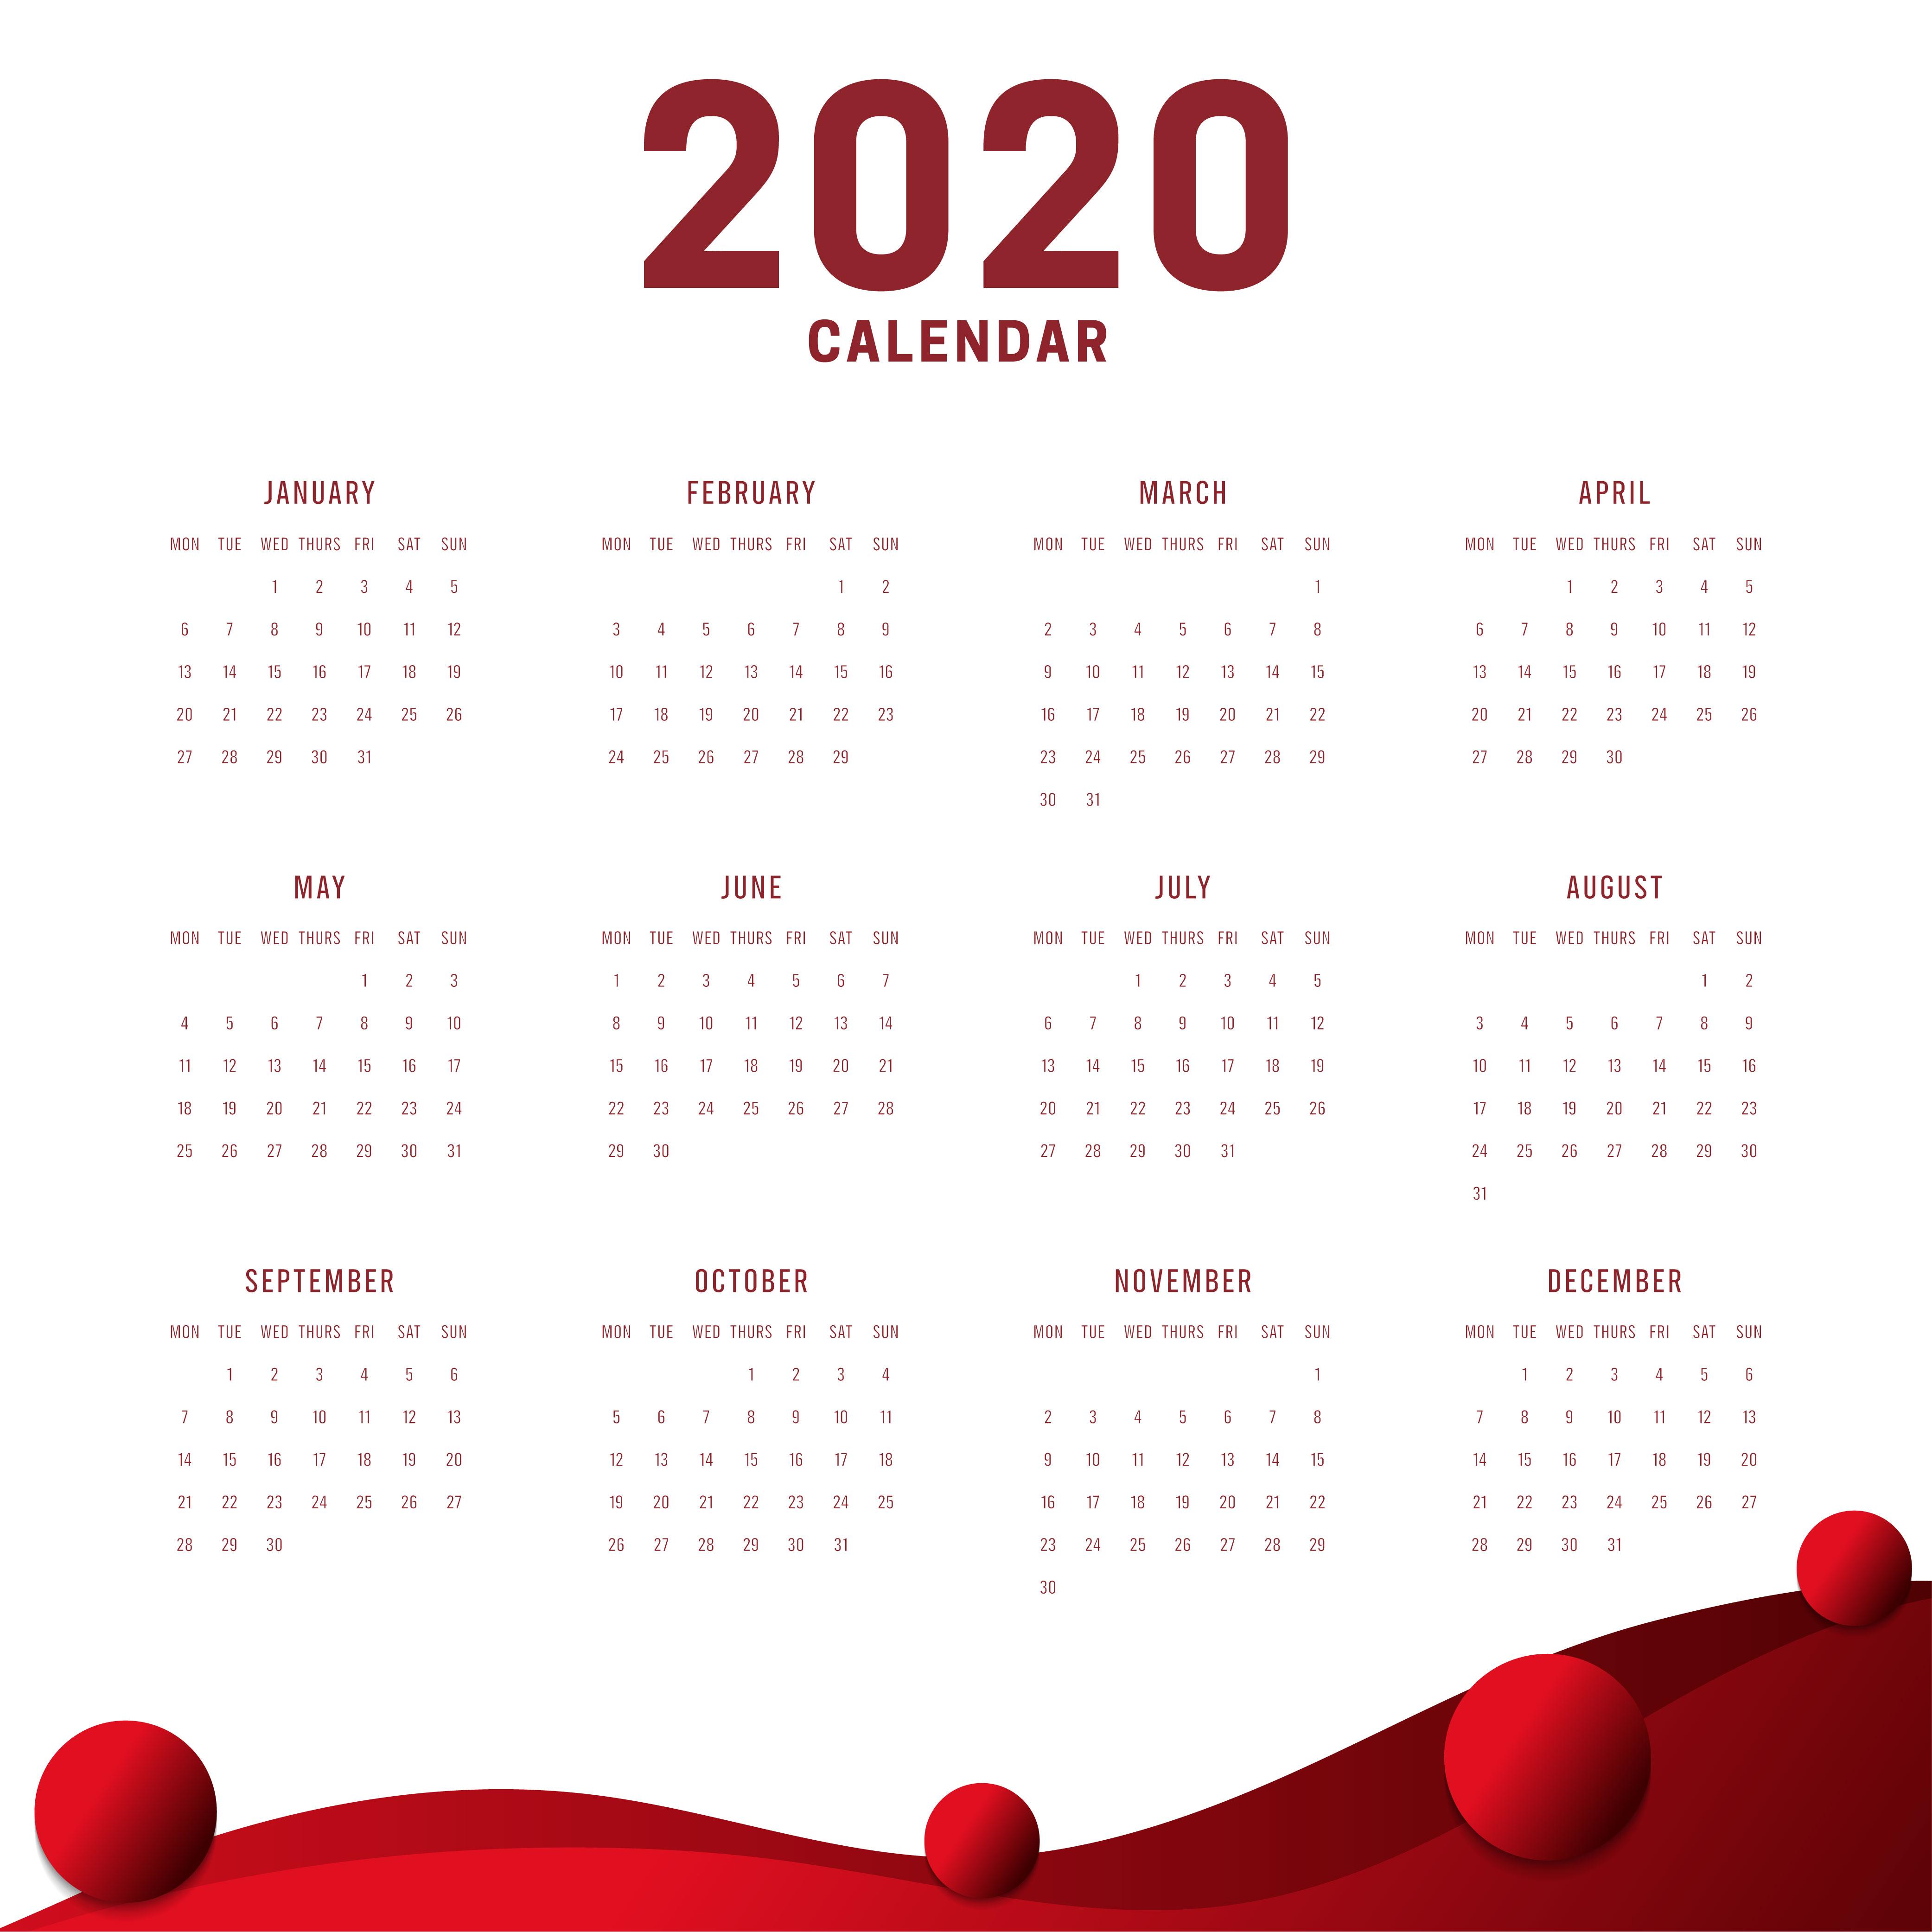 Calendario Minimo Ano Novo 2020 Fundo Branco Vermelho Download